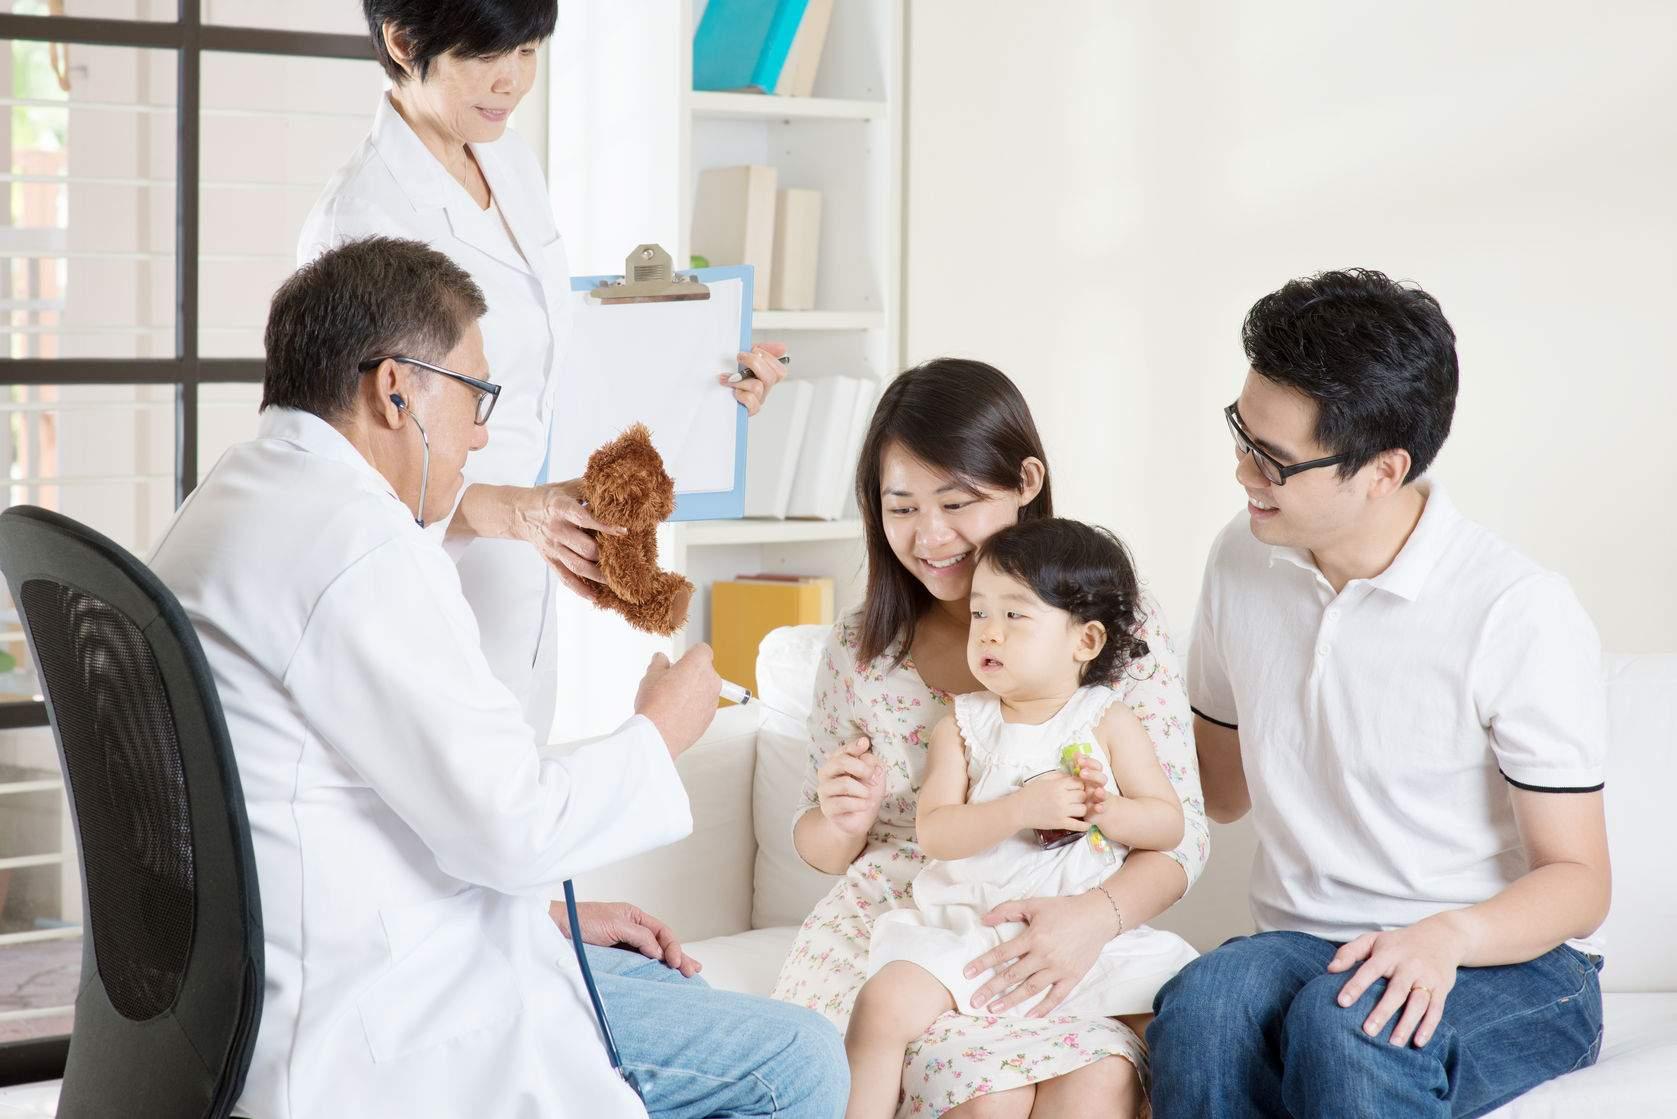 Tham gia bảo hiểm sức khỏe Vietinbank để được chăm sóc về nhiều mặt.